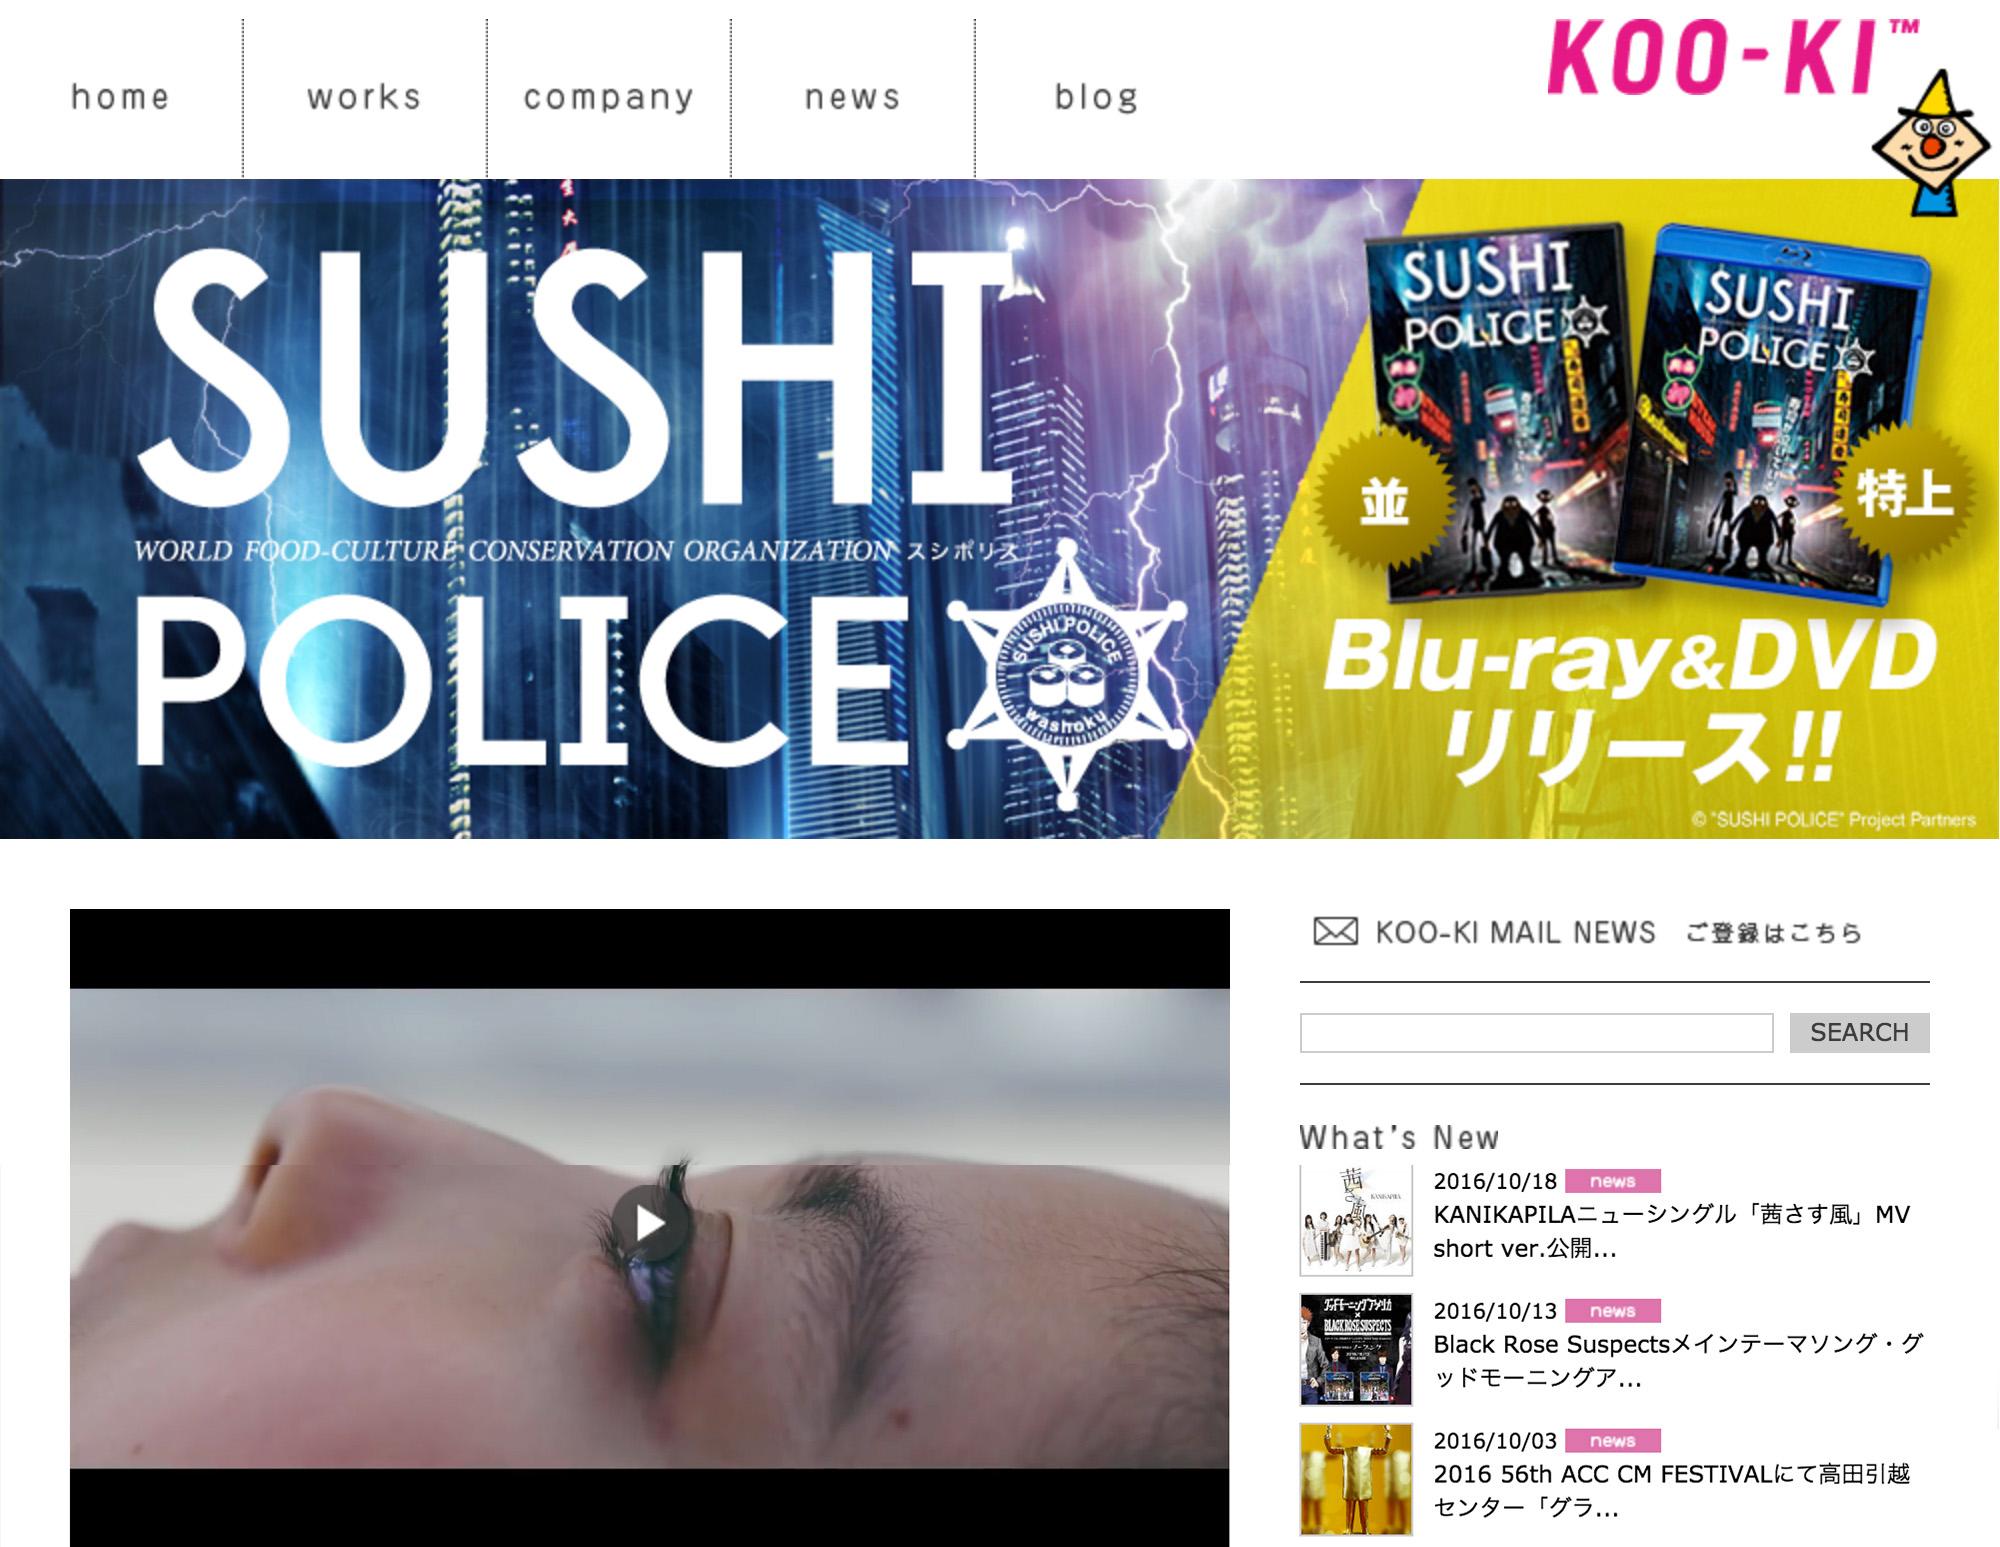 kooki_web_S